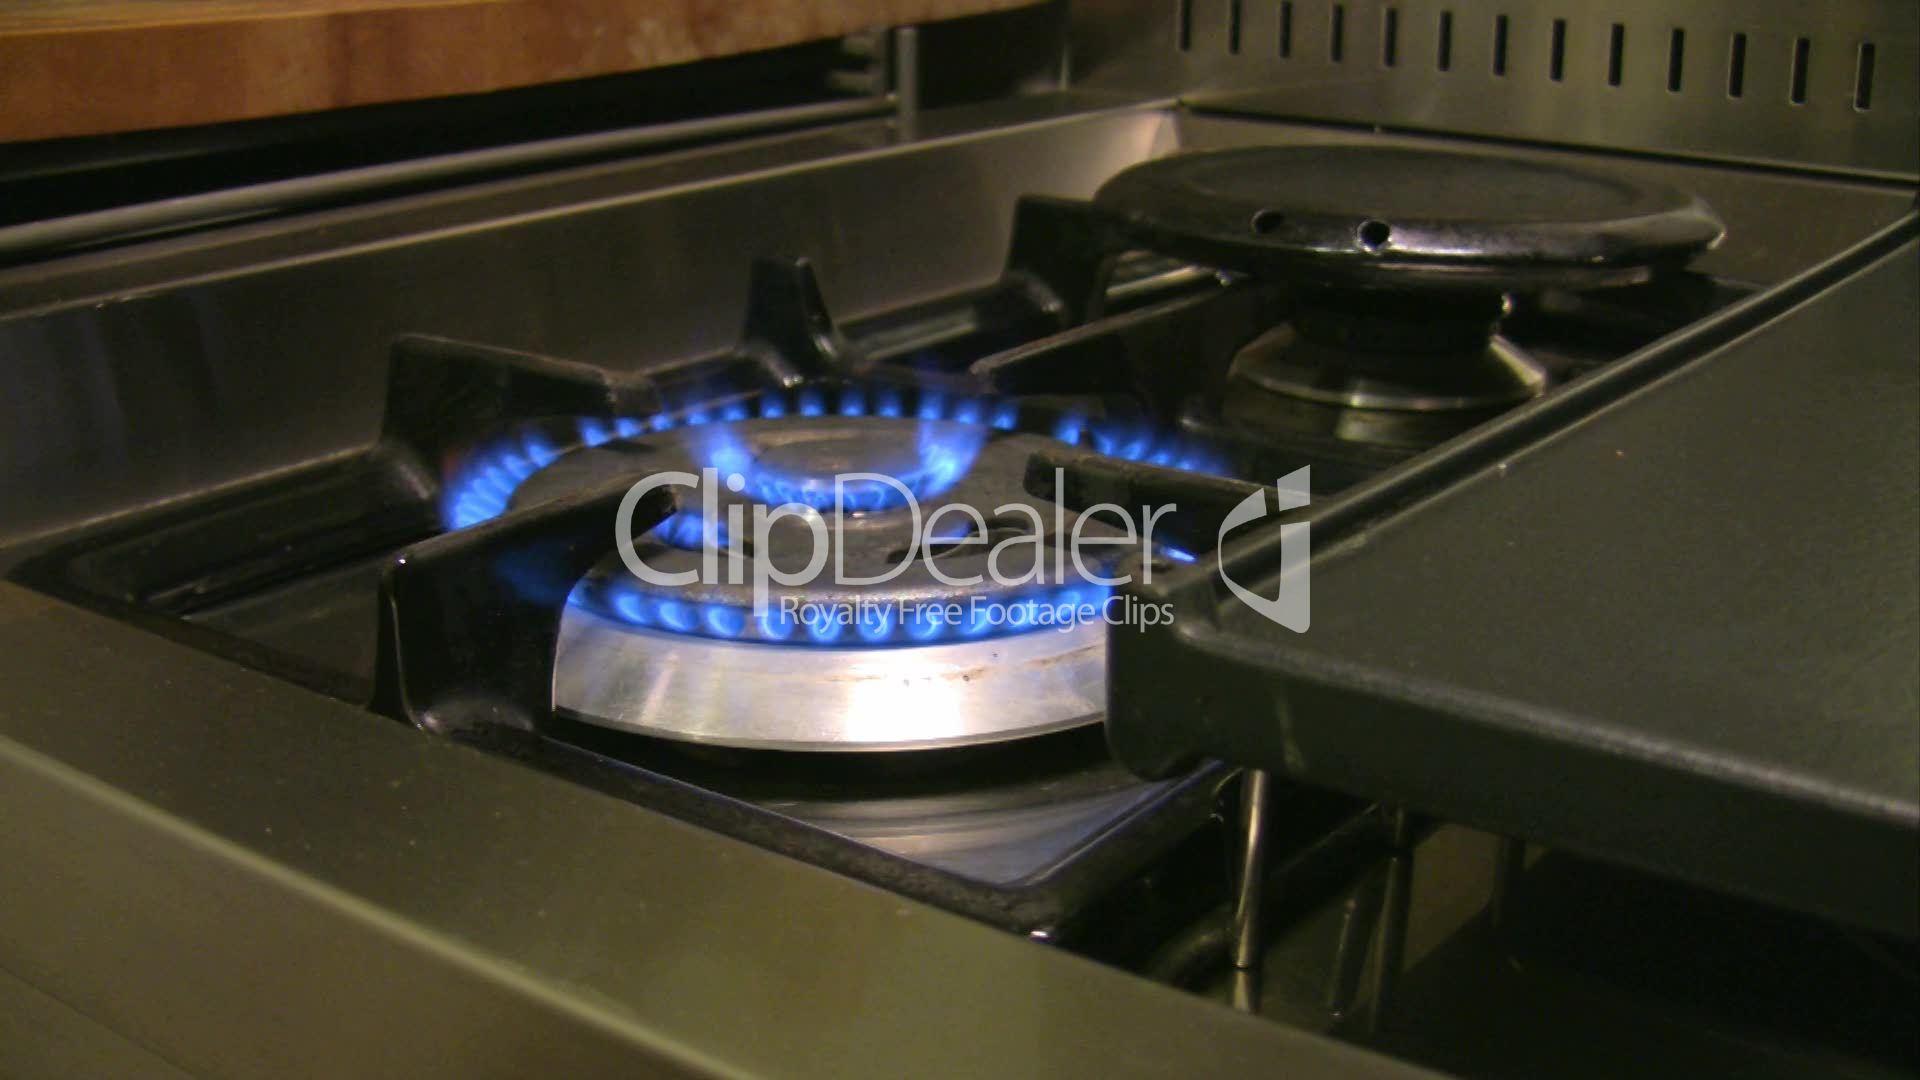 Flamme von einem Gasherd: Lizenzfreie Stock Videos und Clips